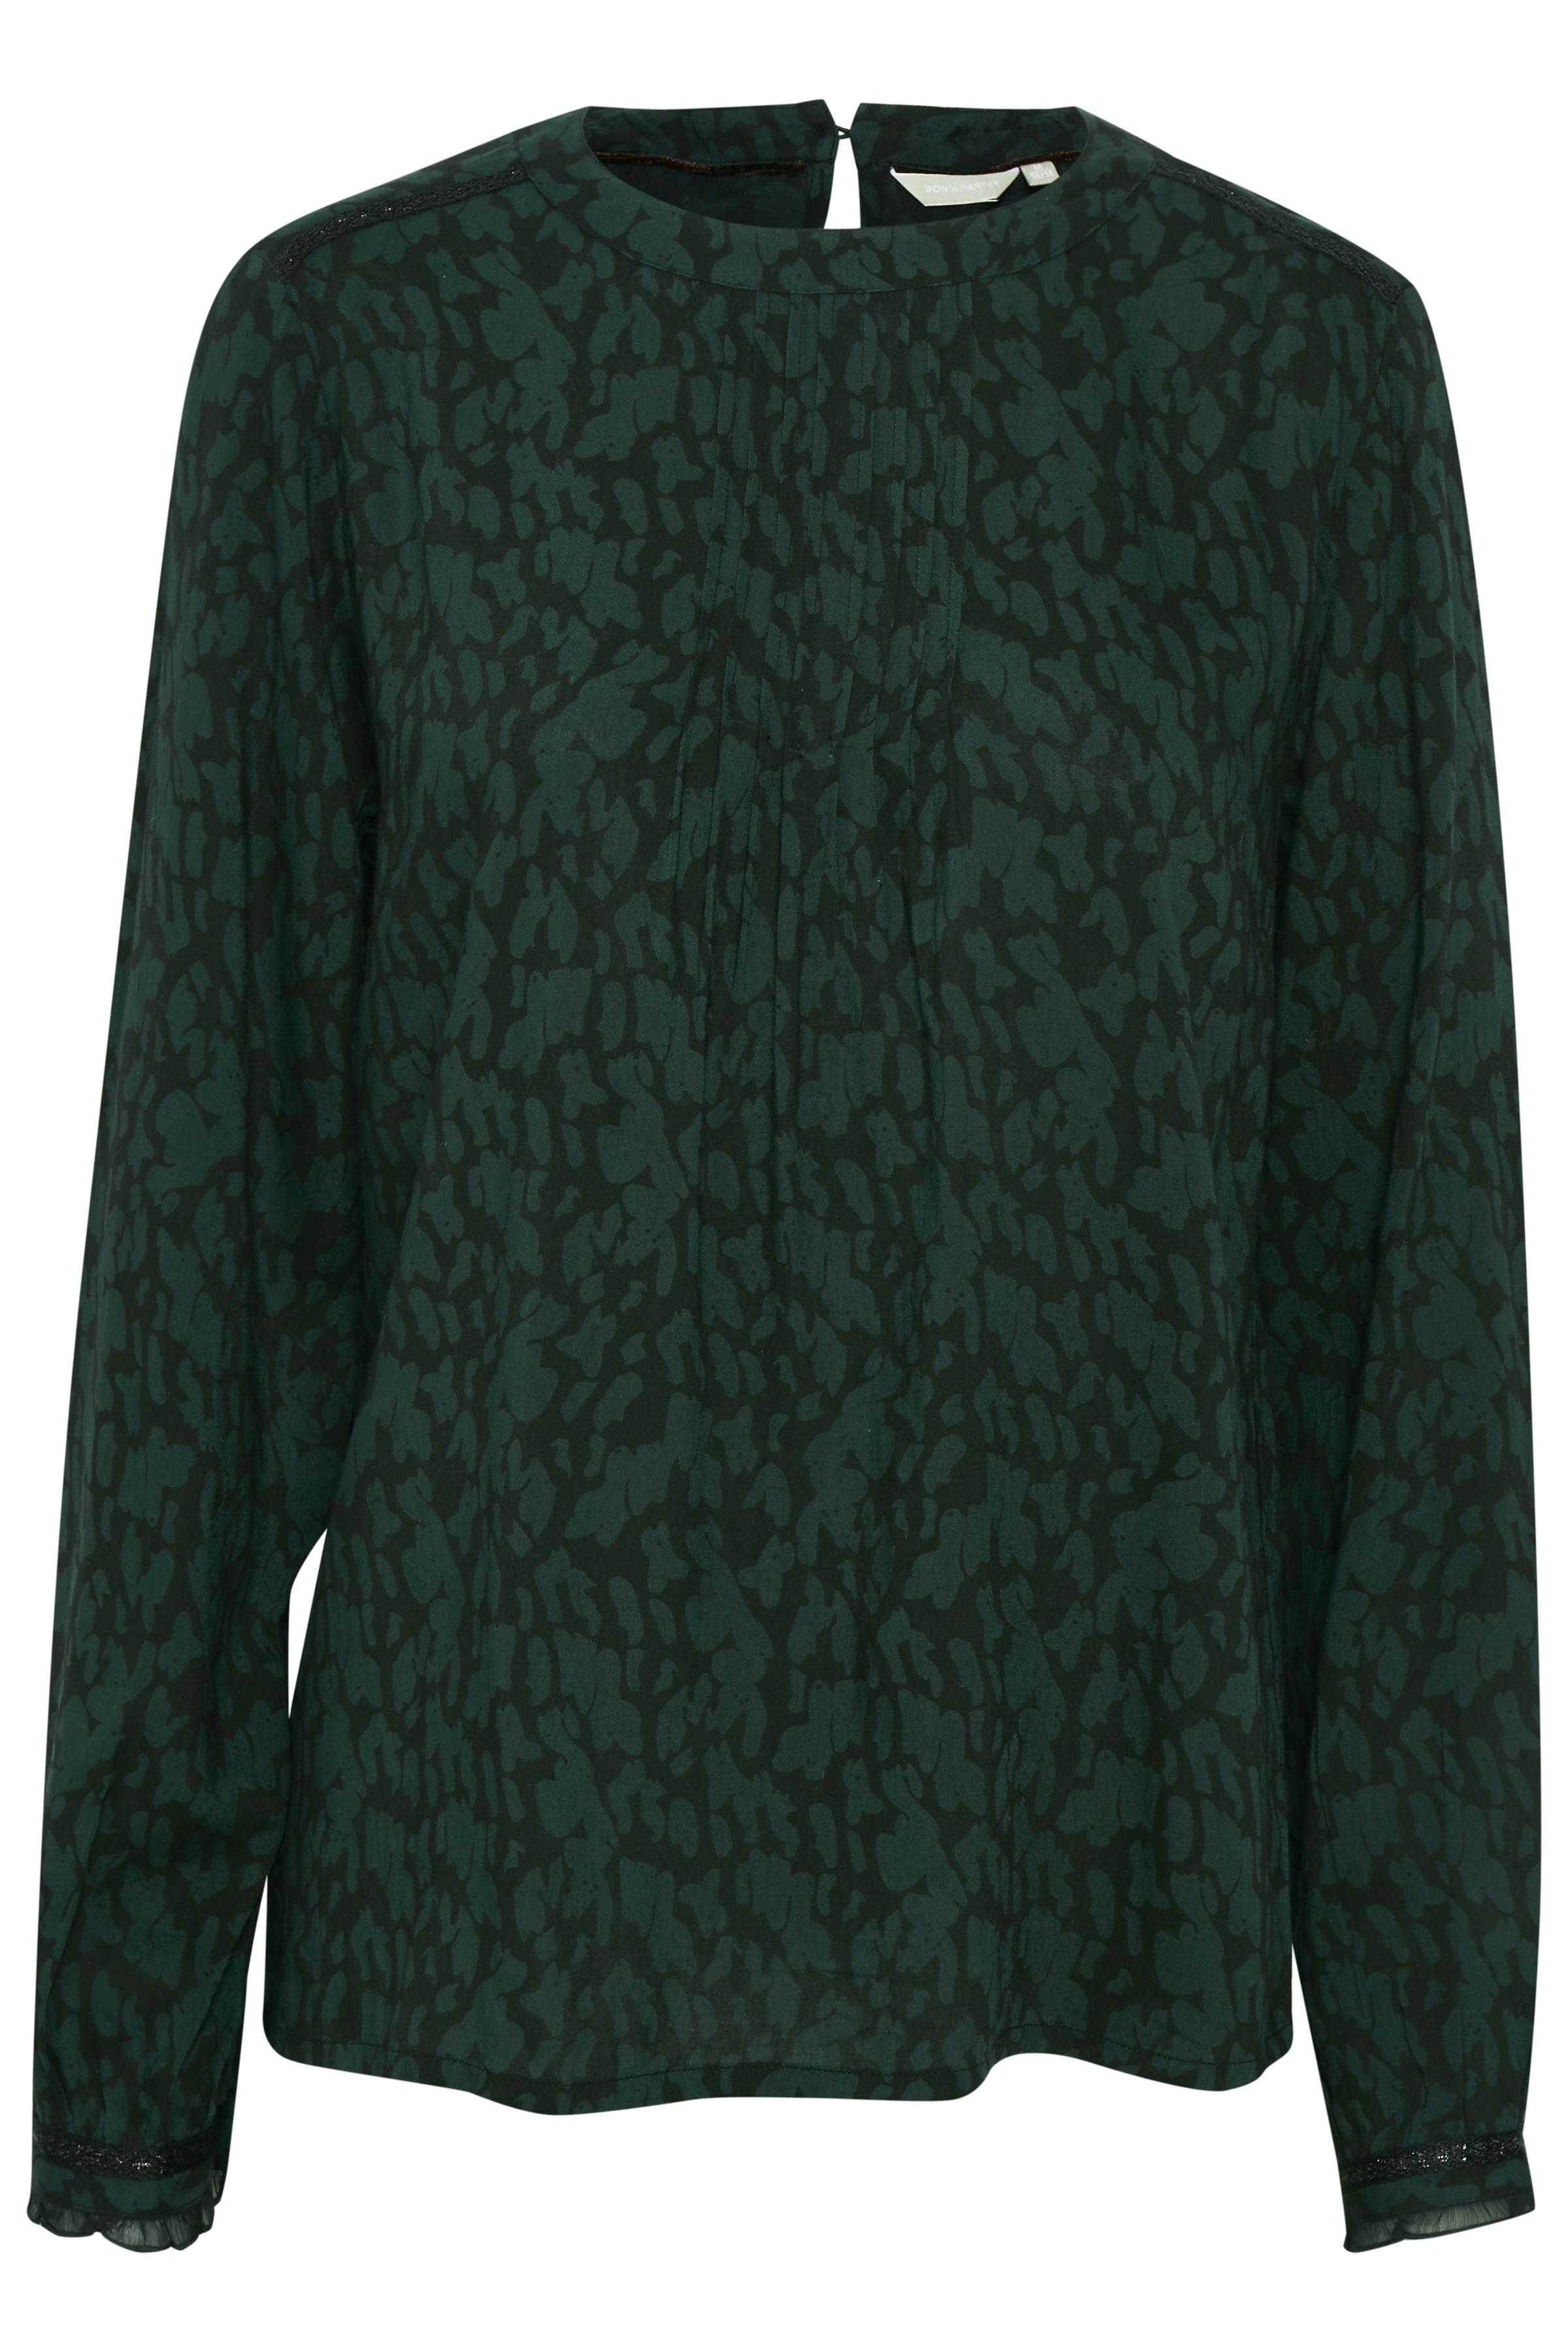 Mørkegrøn/sort Langærmet bluse fra Bon'A Parte – Køb Mørkegrøn/sort Langærmet bluse fra str. S-2XL her